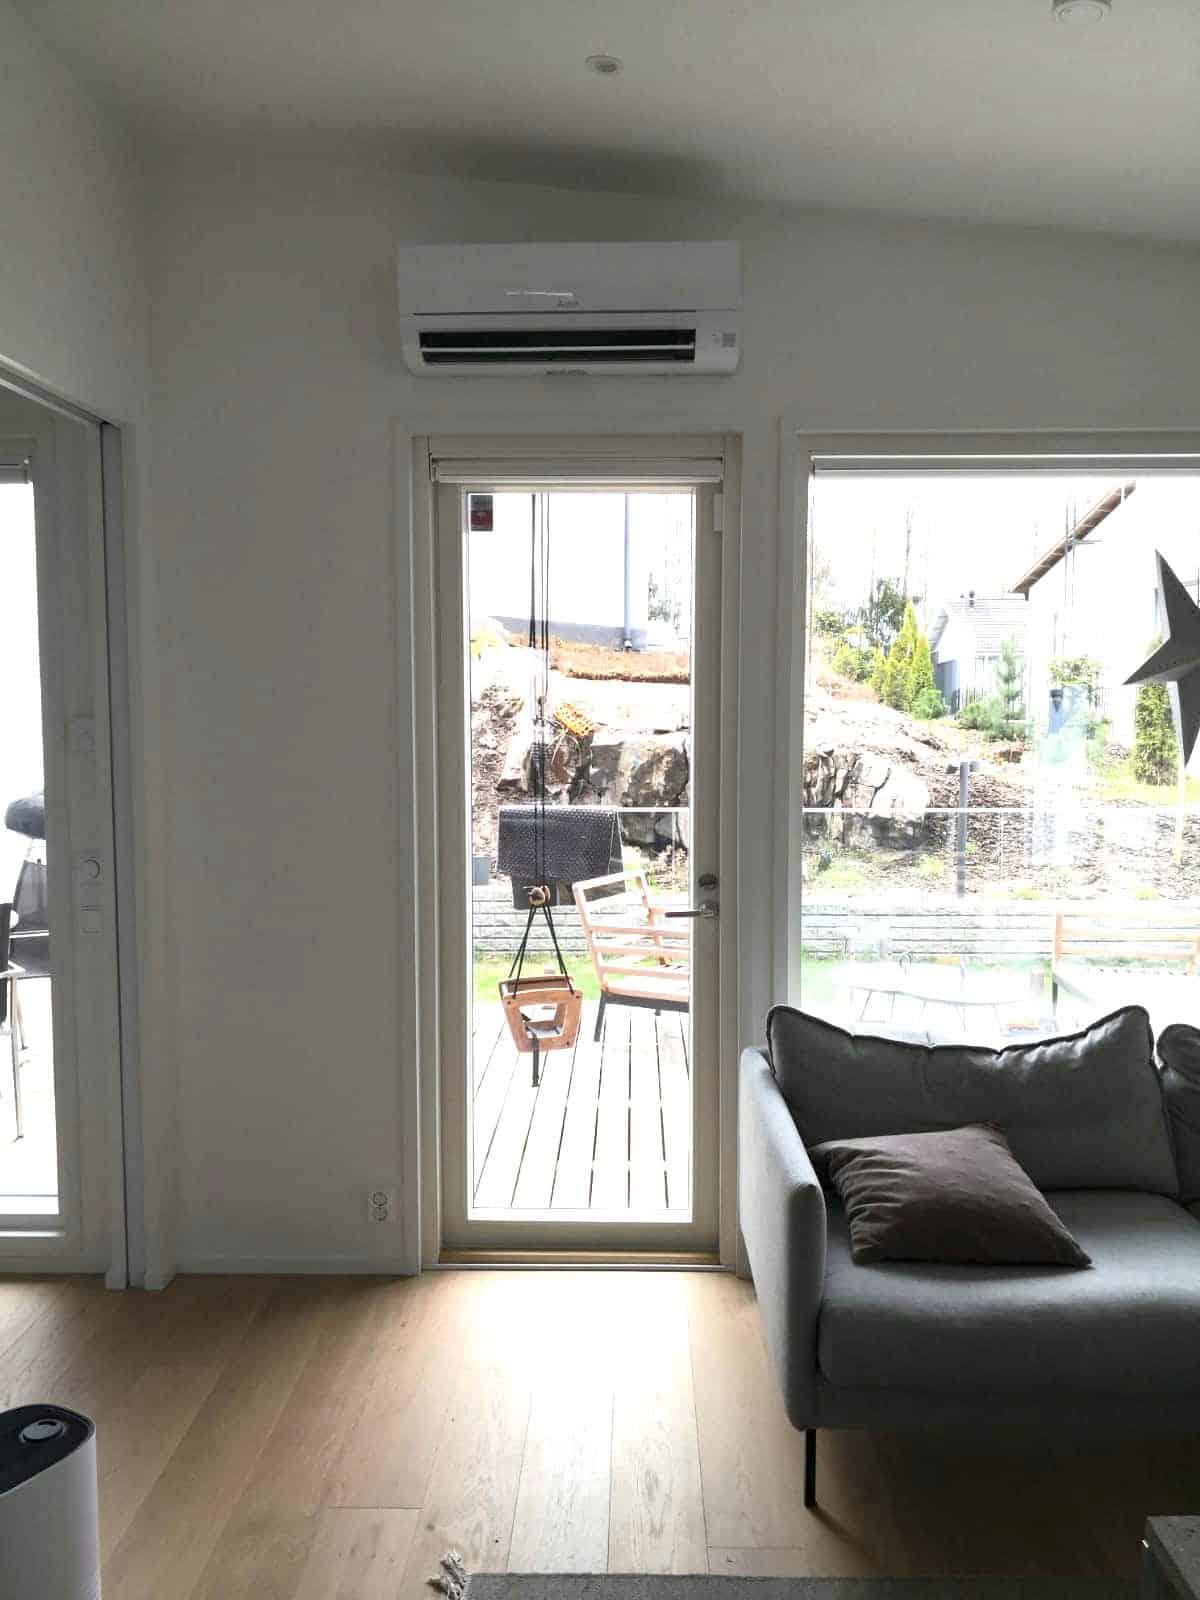 Hesatek Oy ilmalämpöpumput oven päälle asennettuna